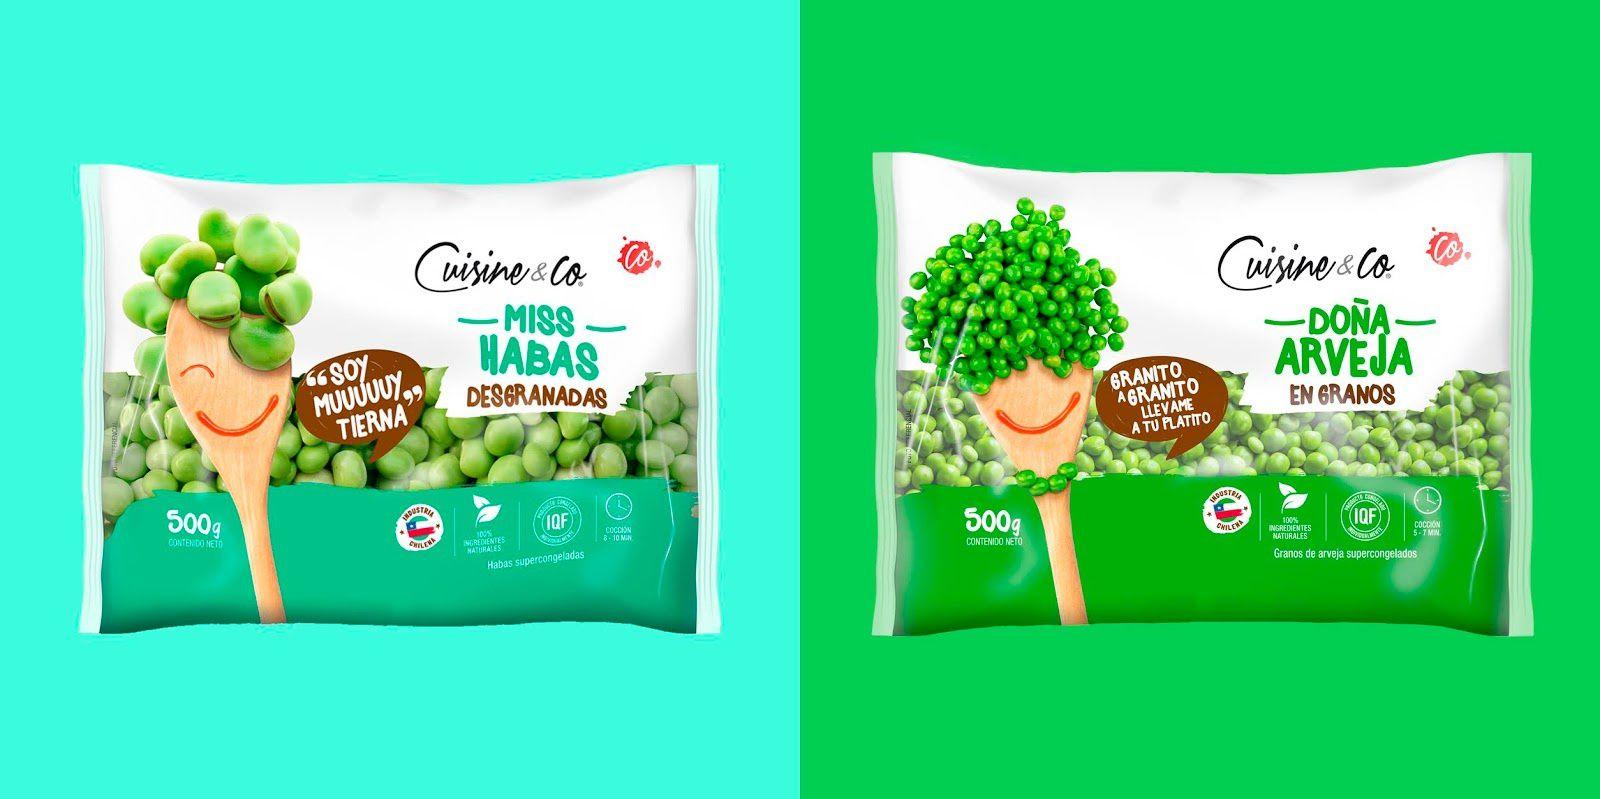 Cuisine&Co (légumes surgelés pour les enfants) I Design : Doble Giro, Chili (mars 2018)